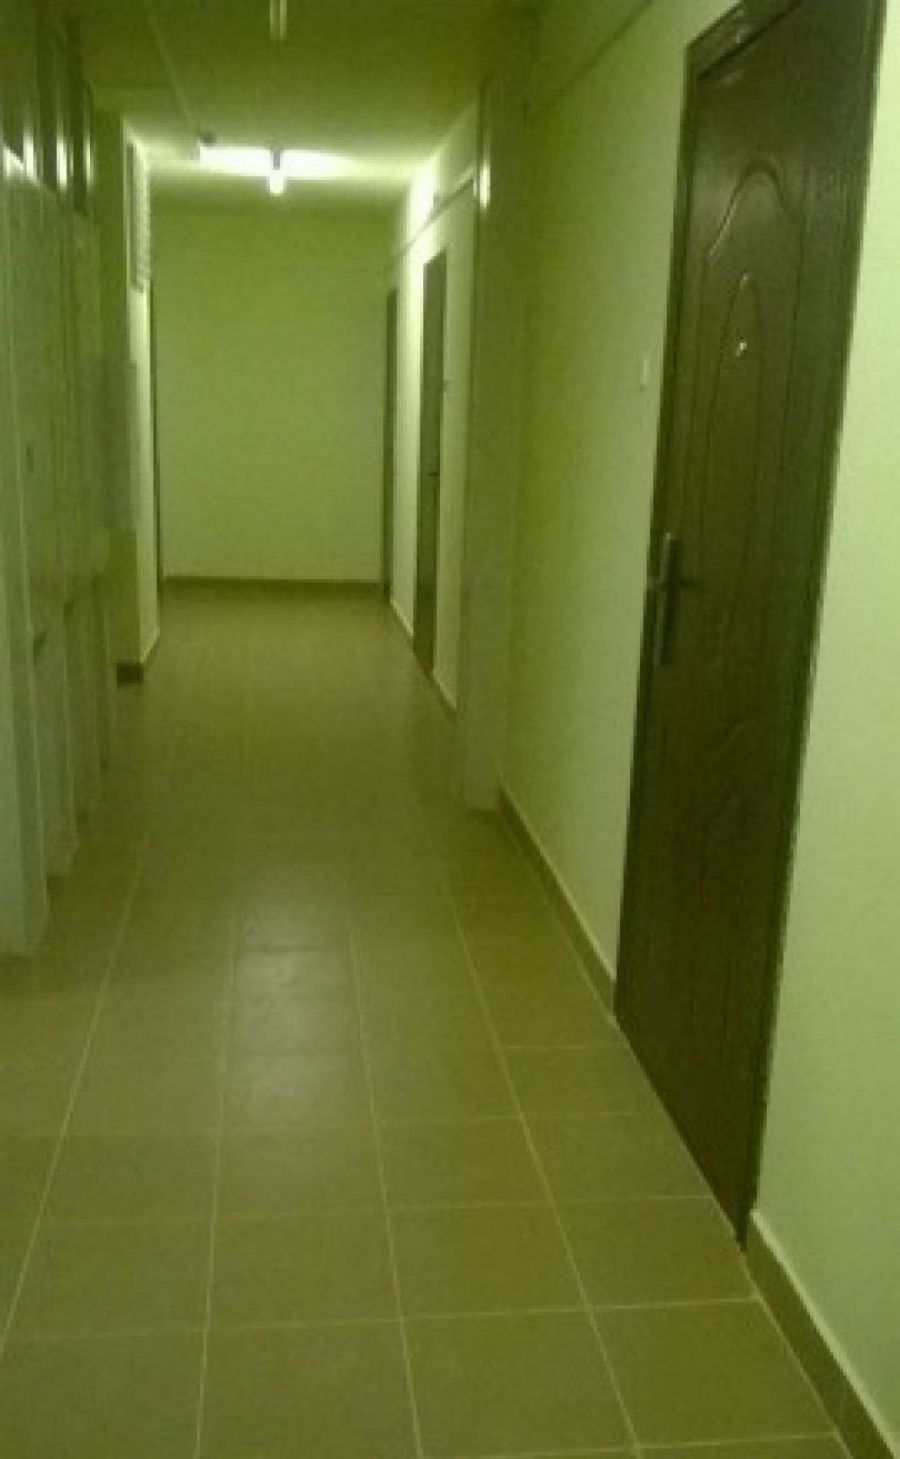 Продается однокомнатная квартира:д.Гребнево ул.Лучистая д.7, фото 2